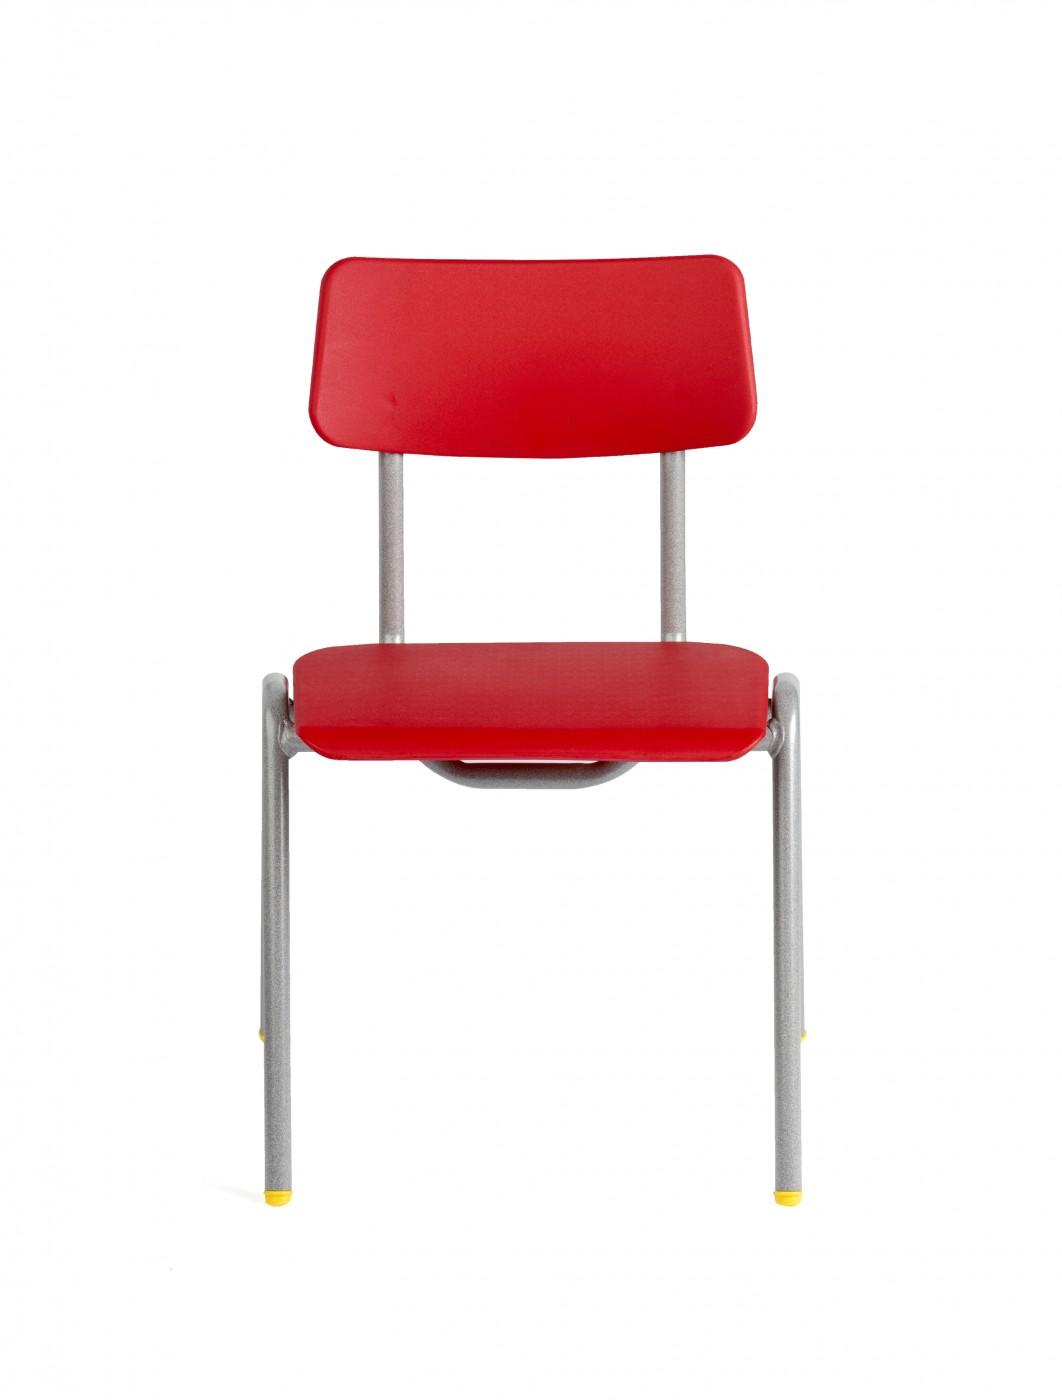 Metalliform BSA Stacking Classroom Chair | 121 Office